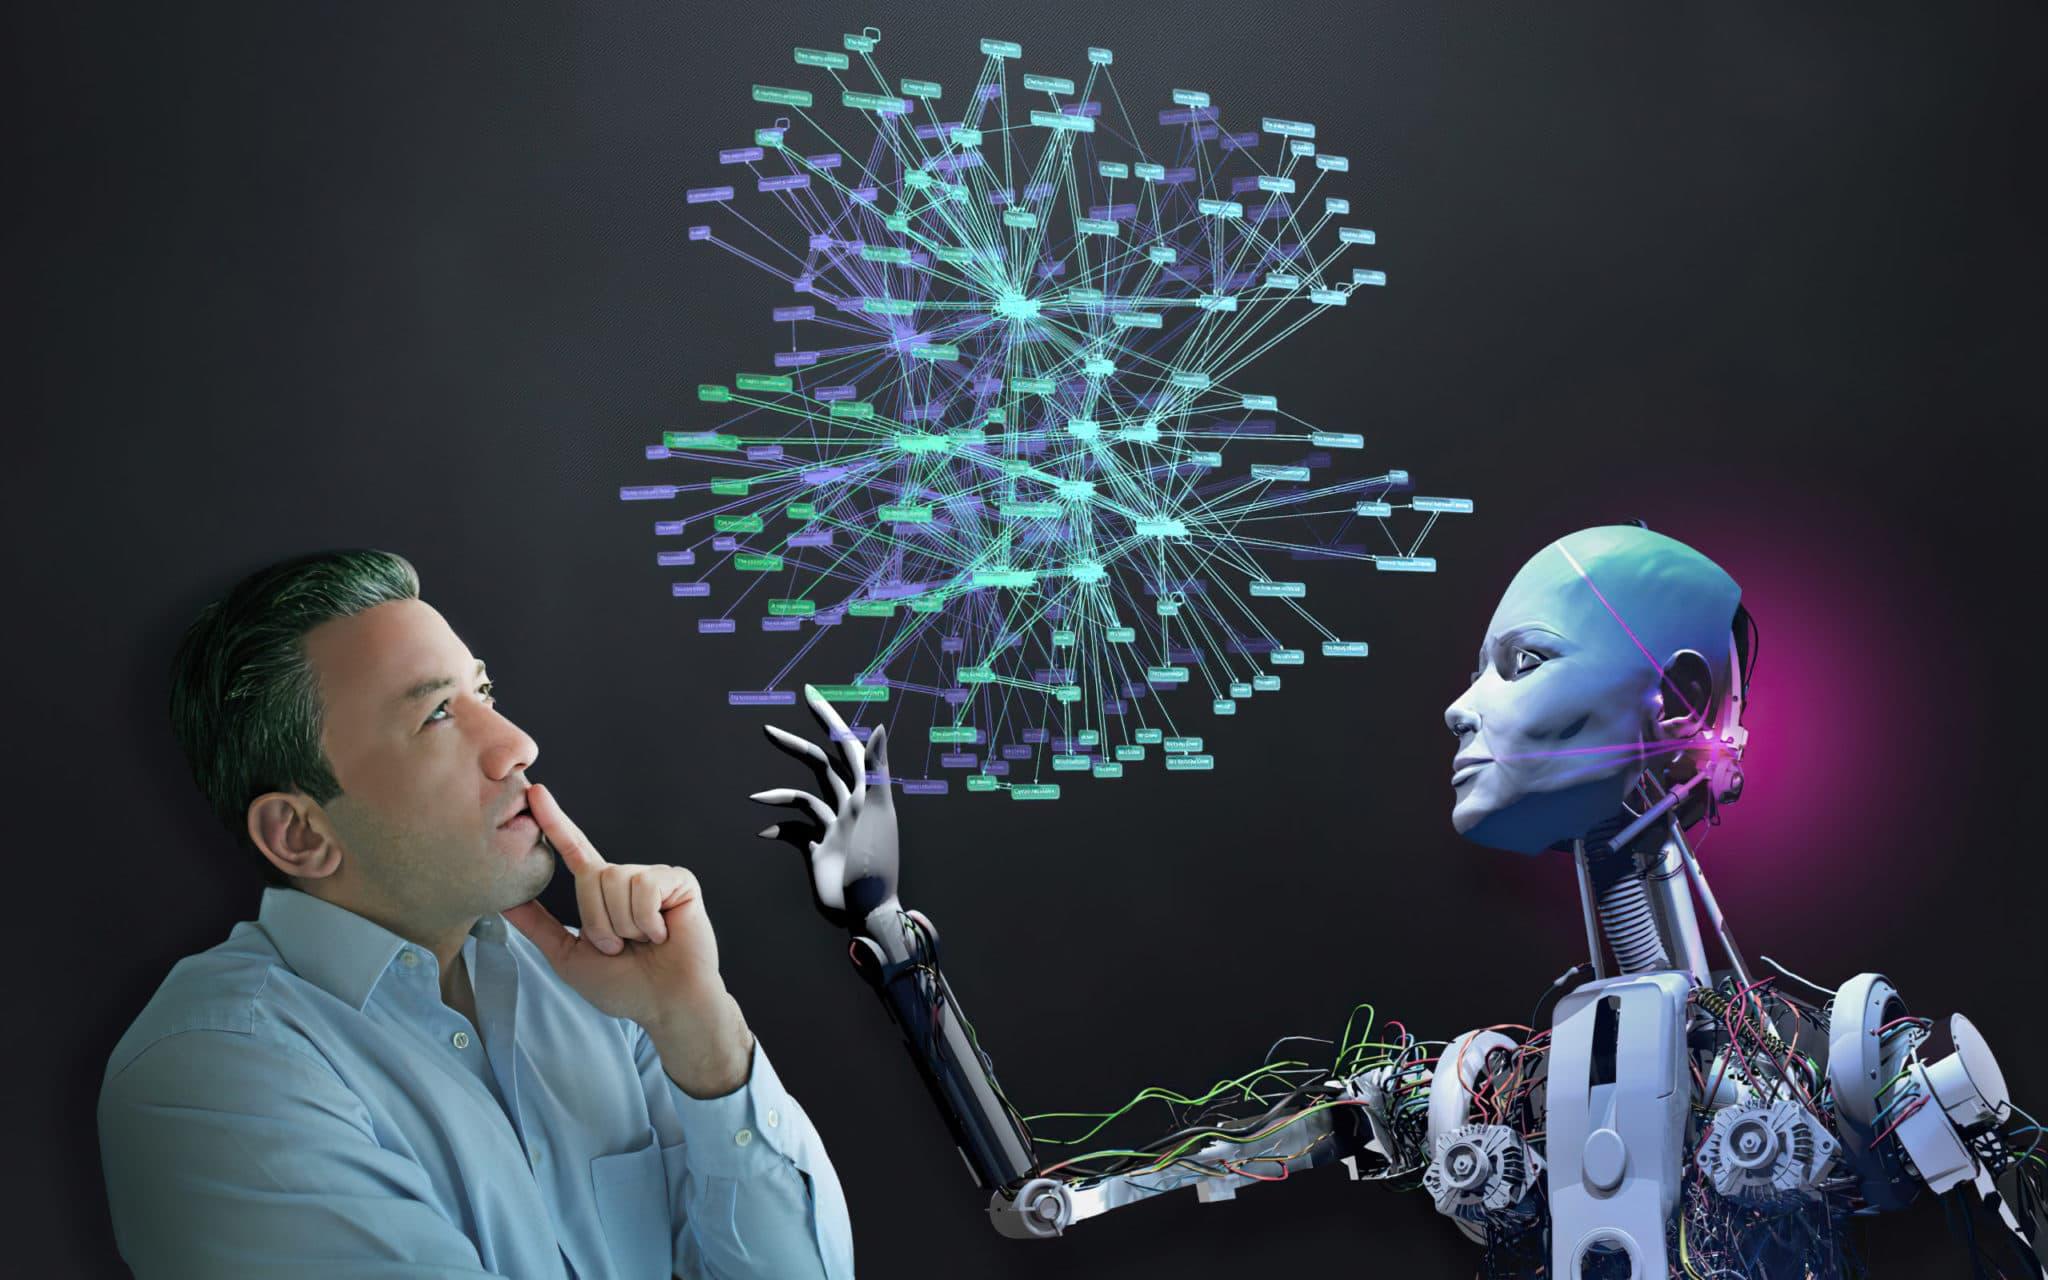 Цифровизация и цифровая экономика: определение, выгоды и риски